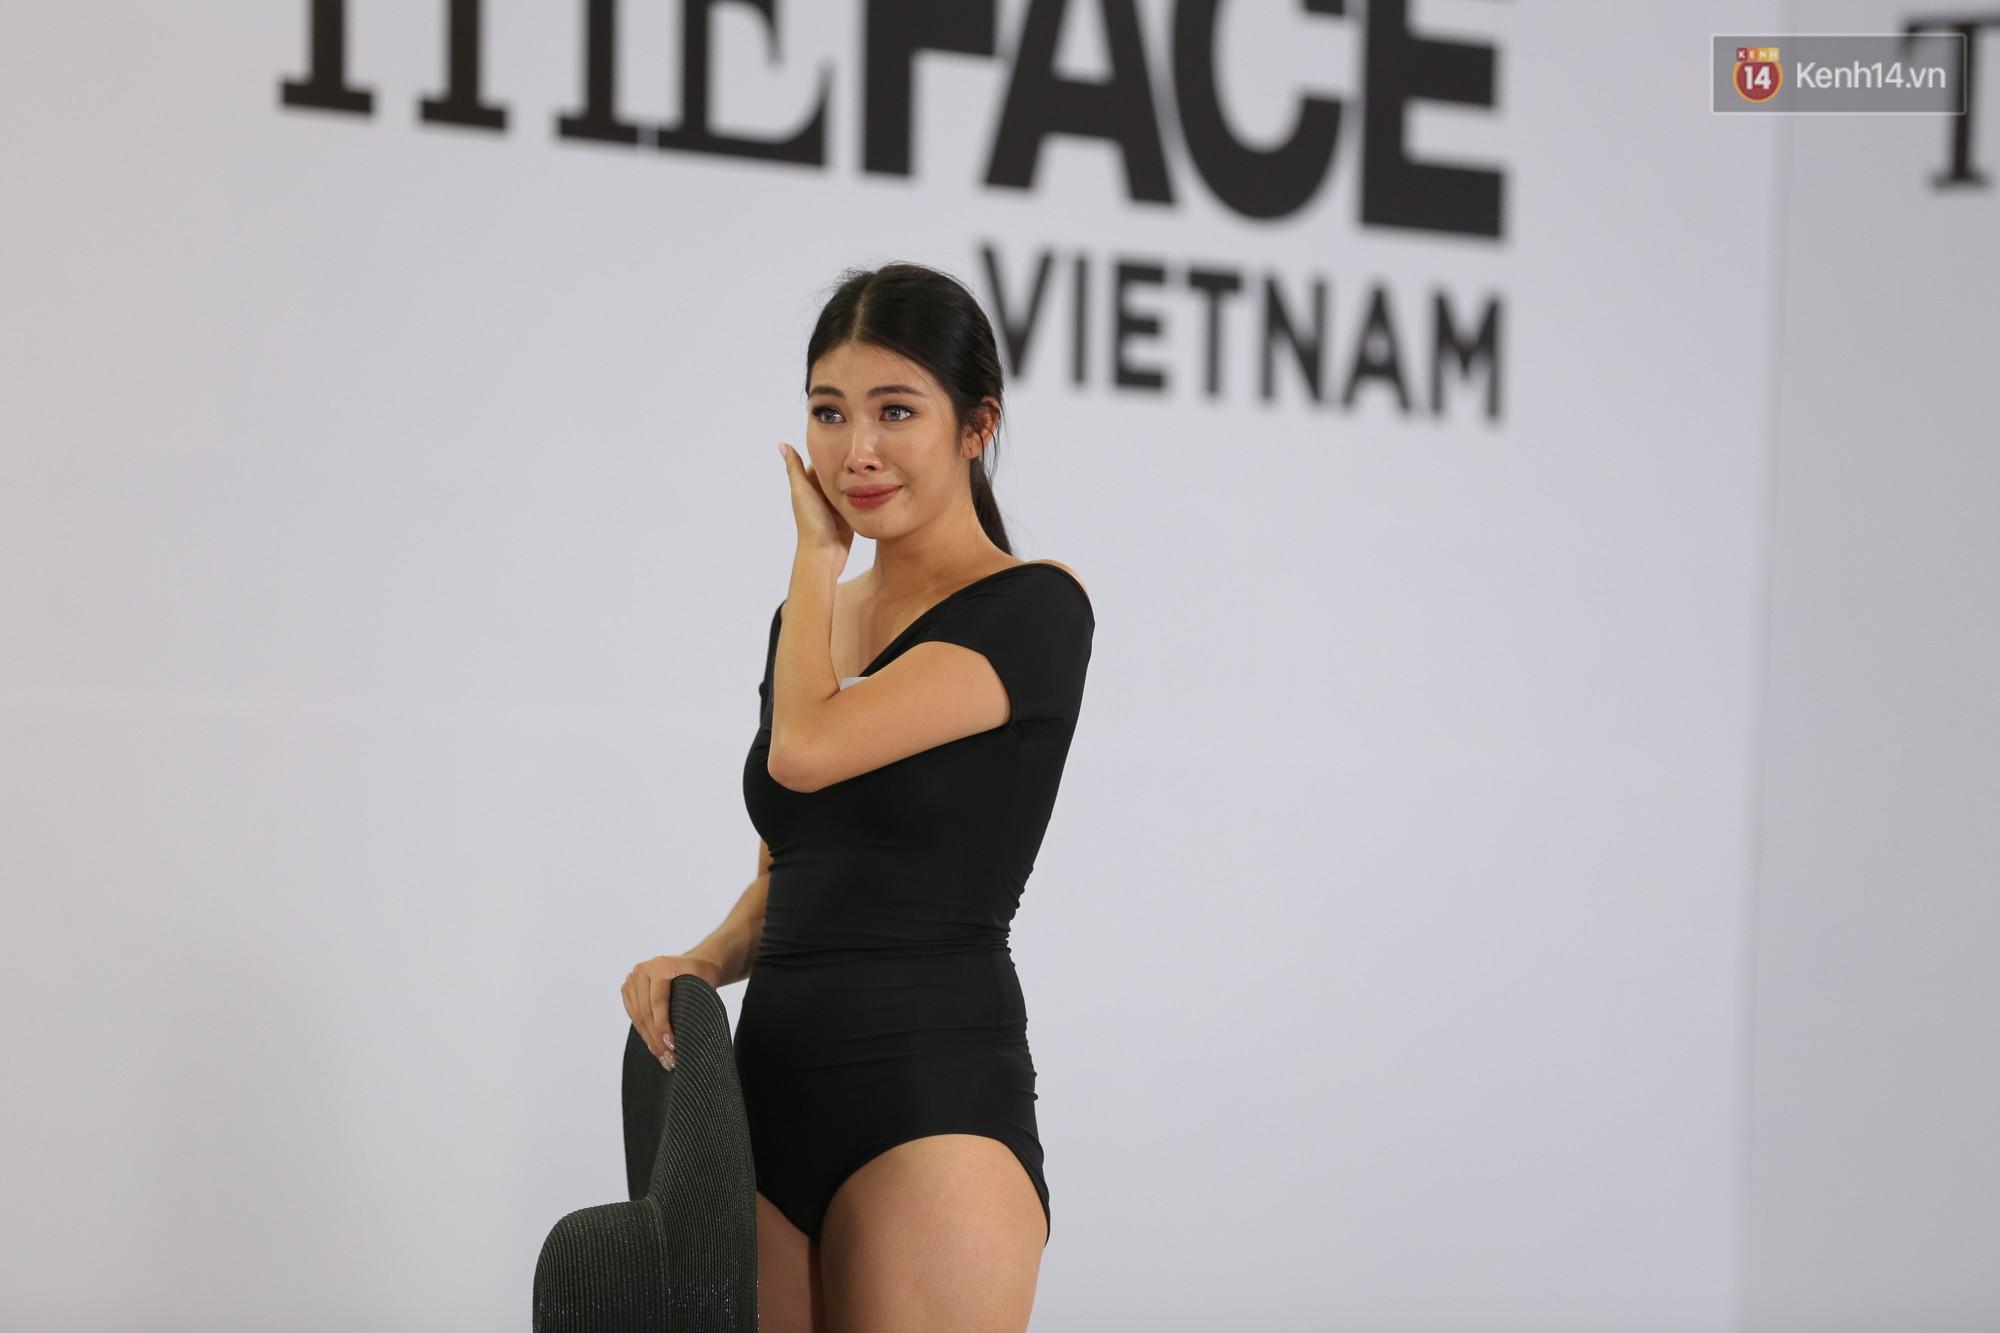 The Face thi hình thể: Trai xinh gái đẹp khoe body hấp dẫn, có thí sinh đầu tiên ngất xỉu - Ảnh 18.